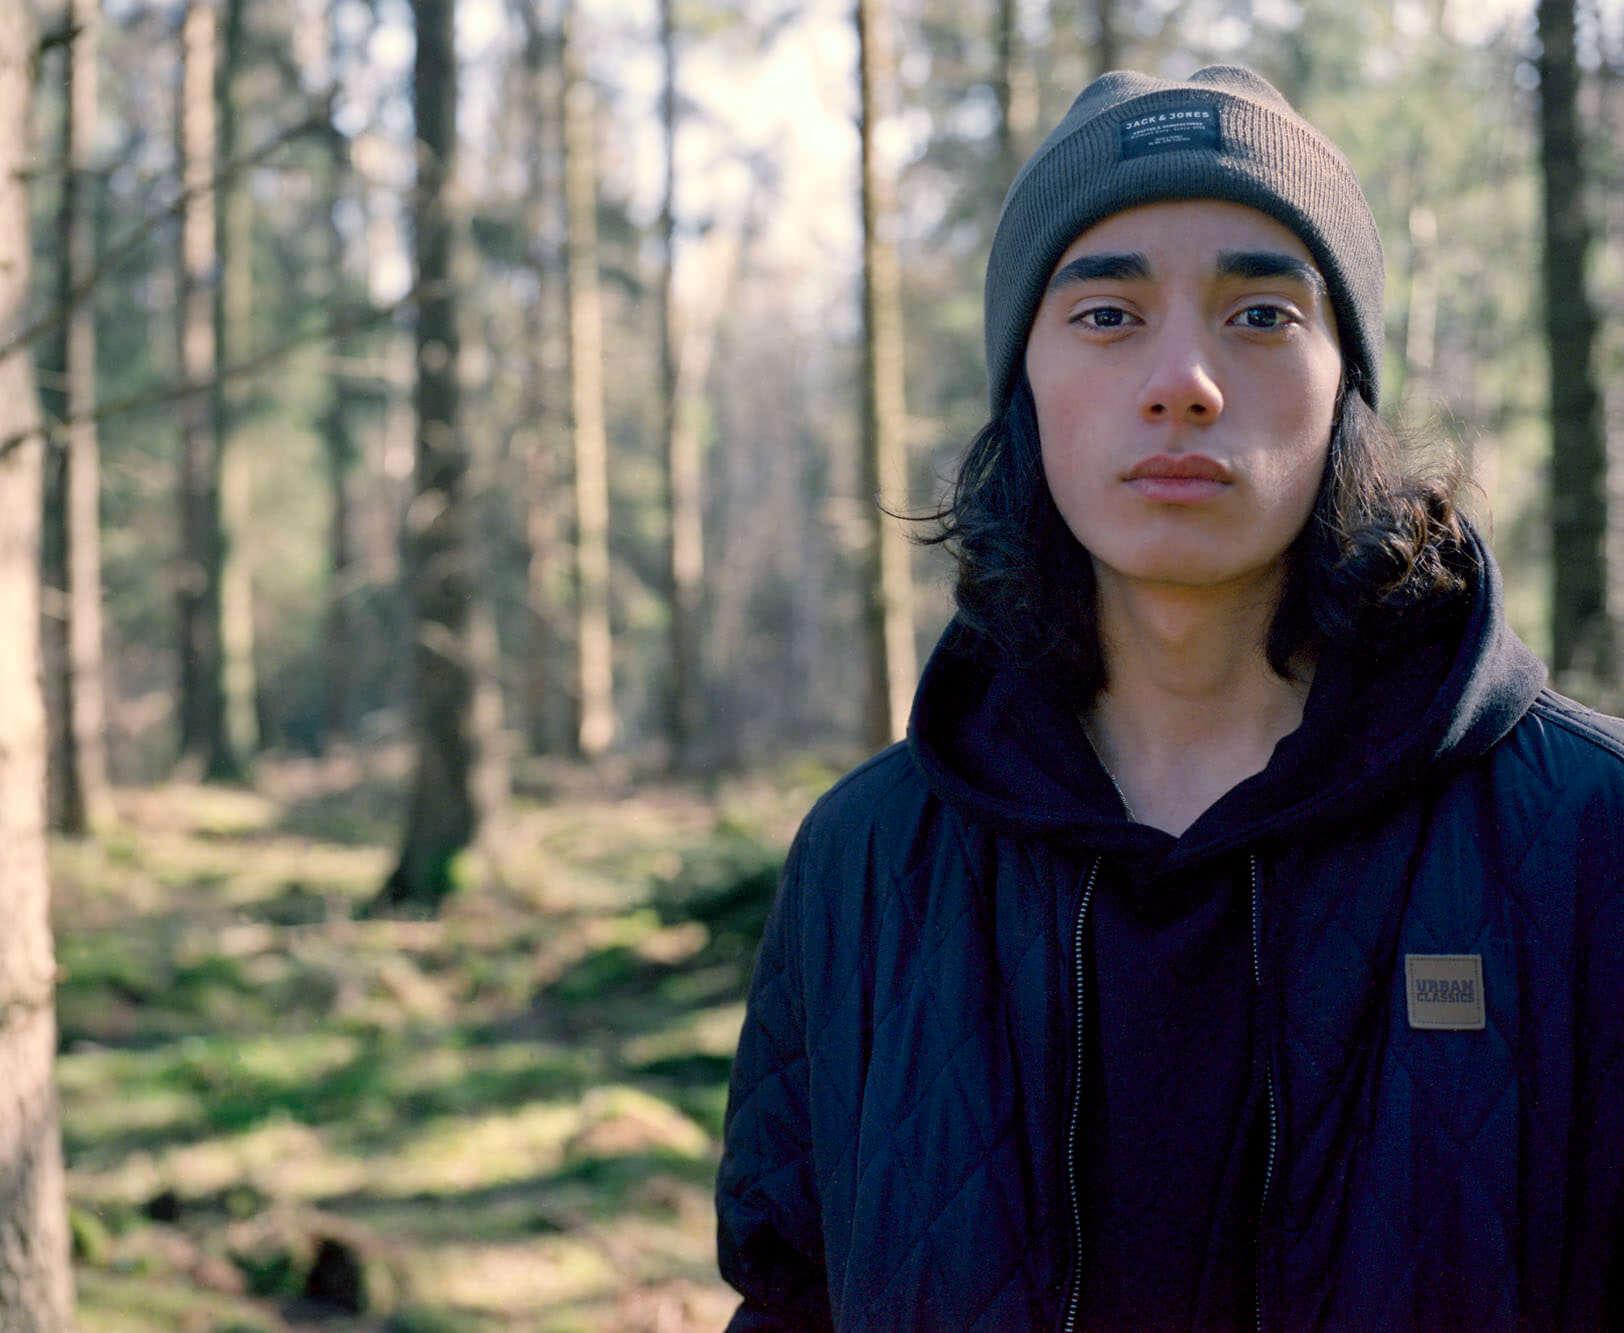 51_woodlandwonderland_20 Kopie_1